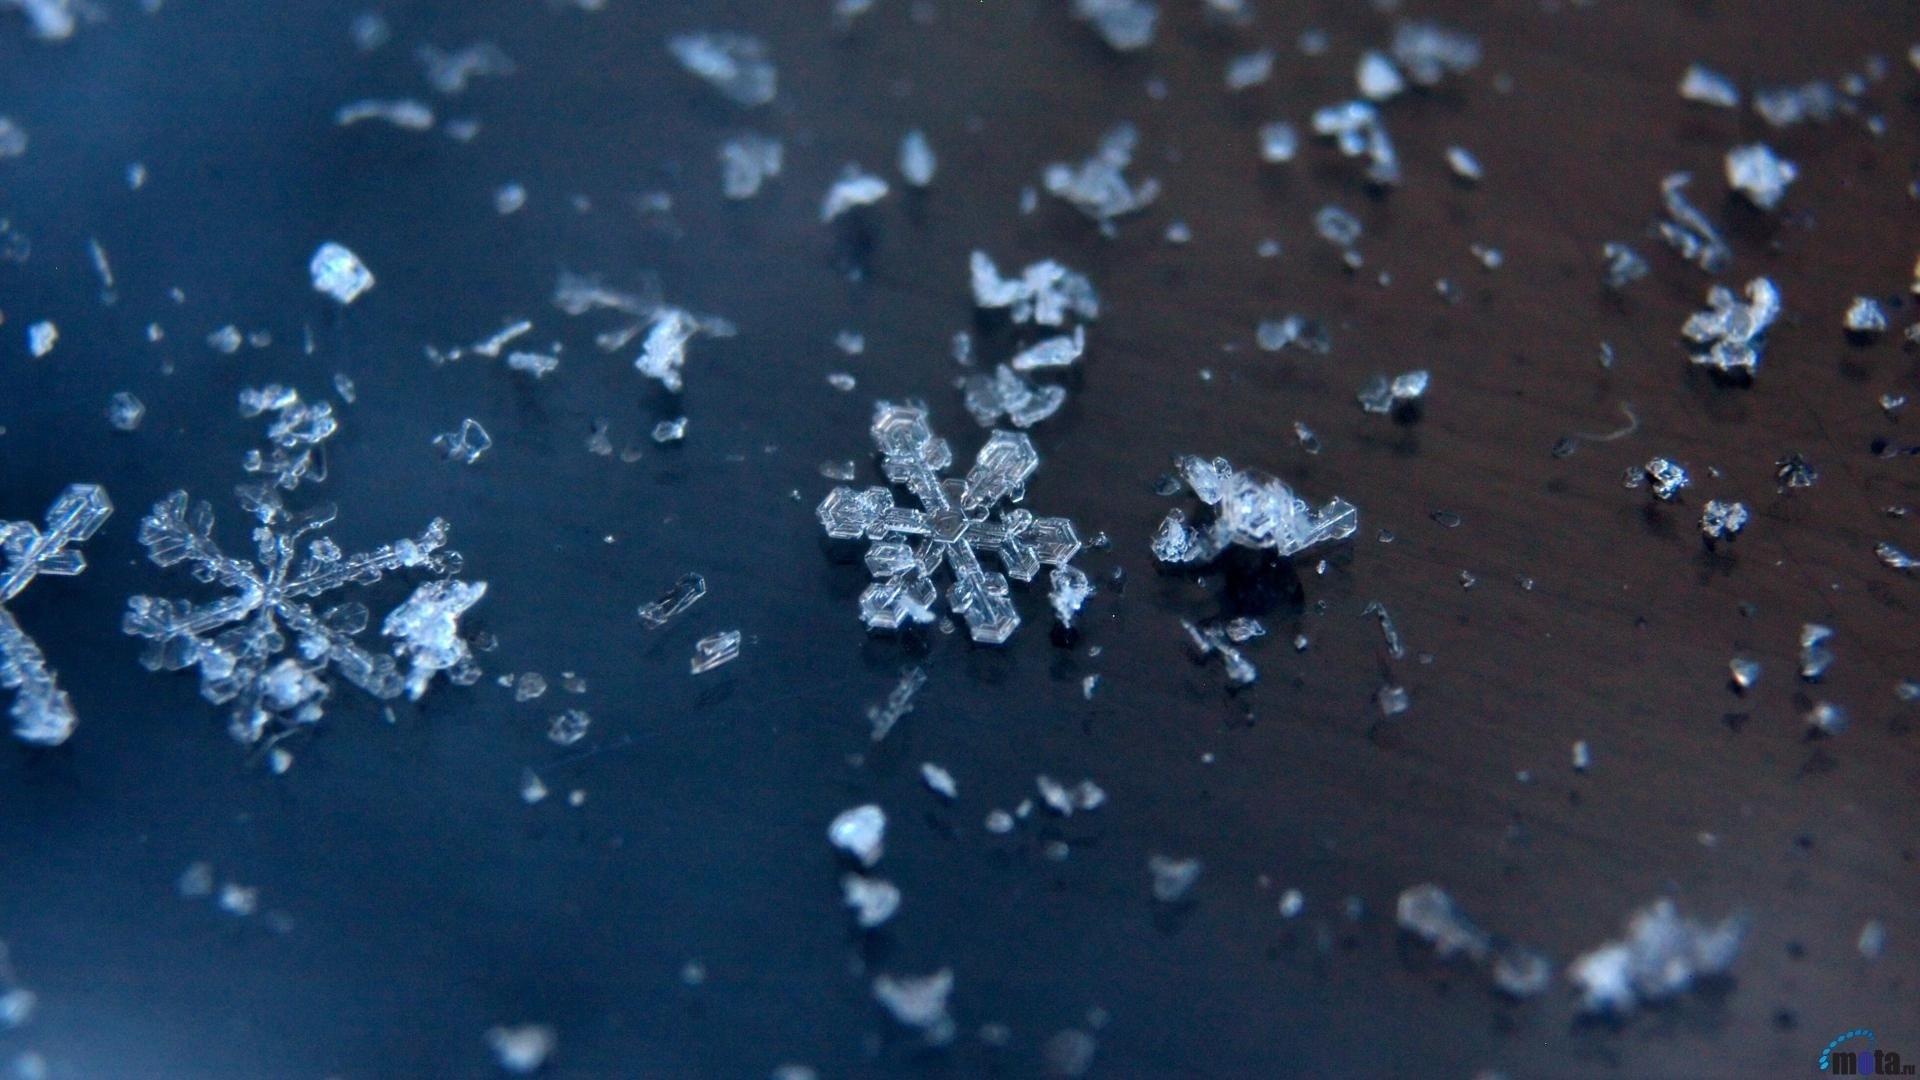 Snowflake Wallpaper Full HD